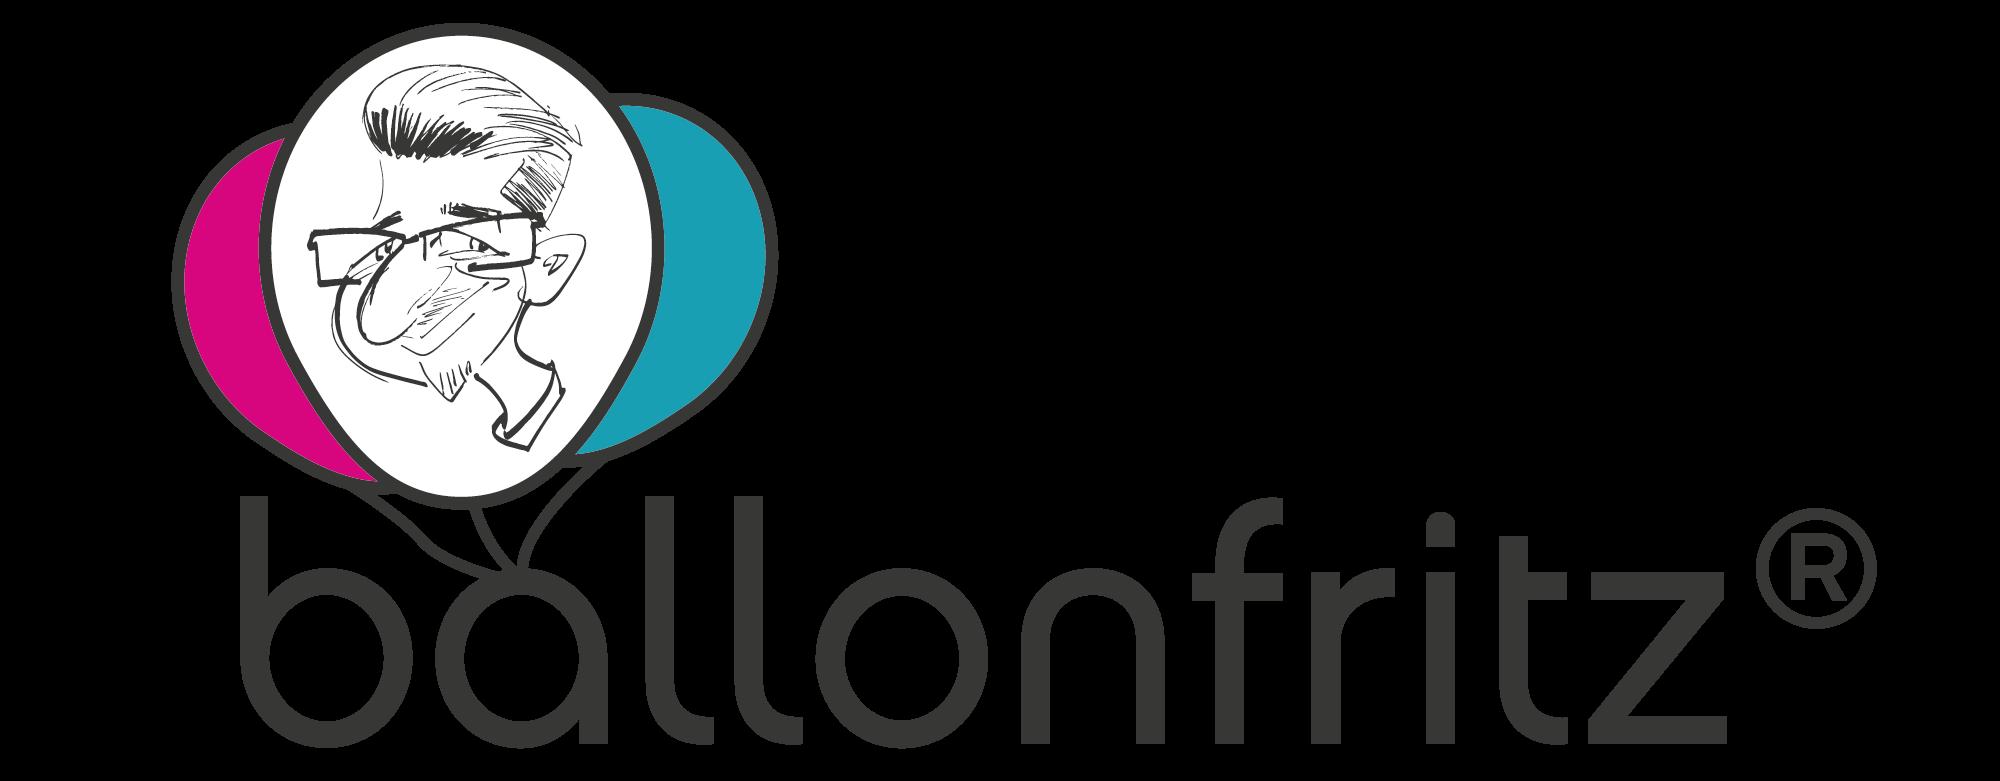 ballonfritz